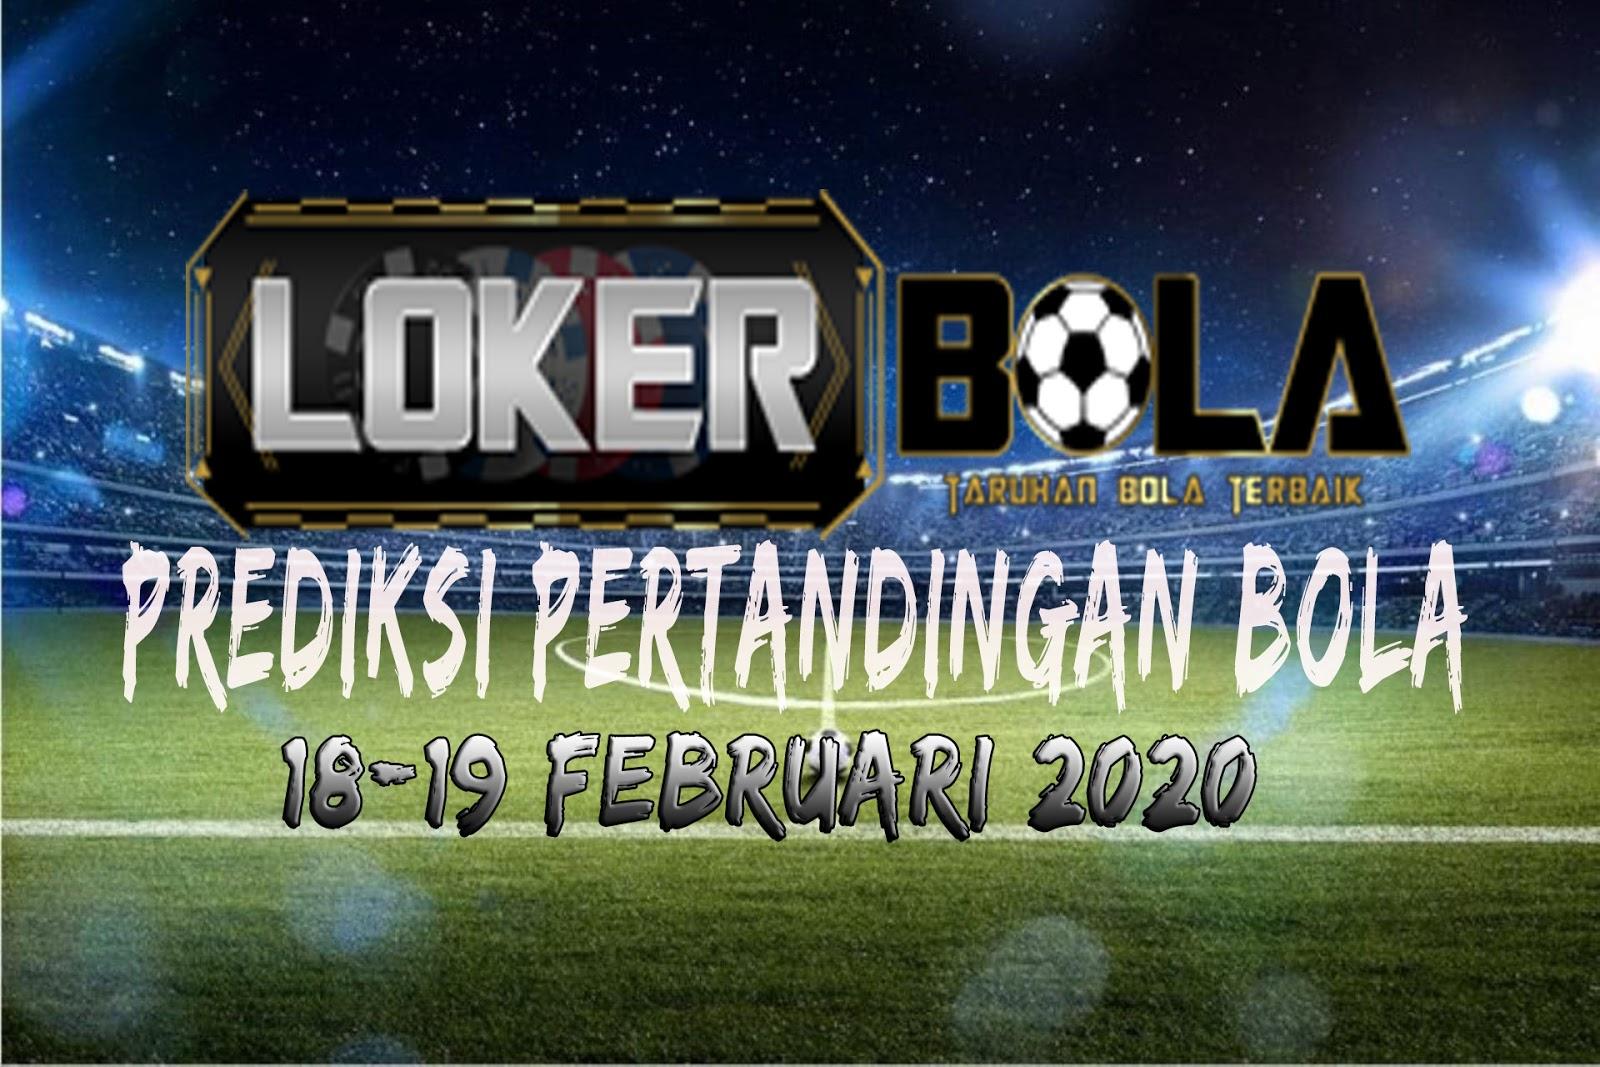 PREDIKSI PERTANDINGAN BOLA 18-19 FEBRUARI 2020